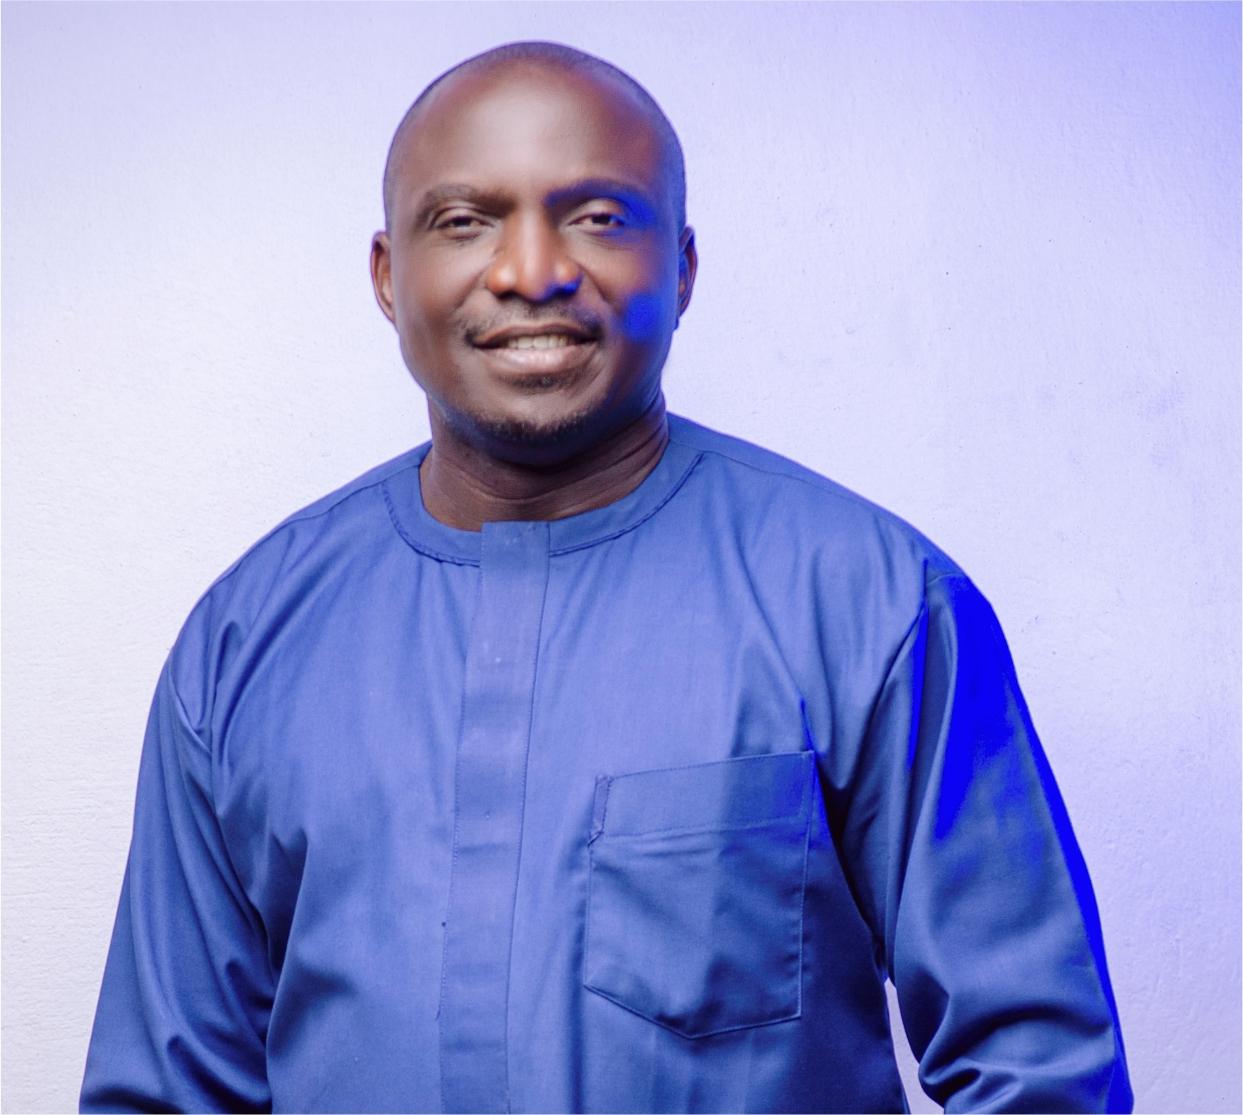 Michael Okuneye